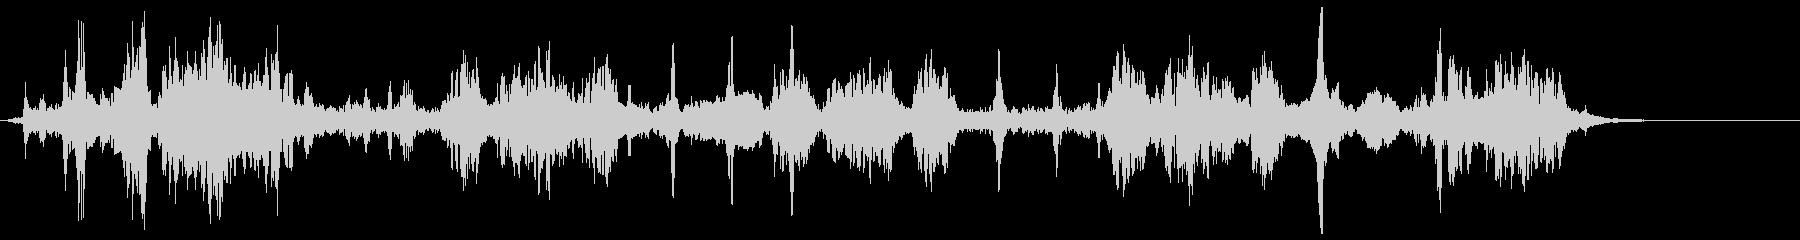 電波ノイズ 7の未再生の波形